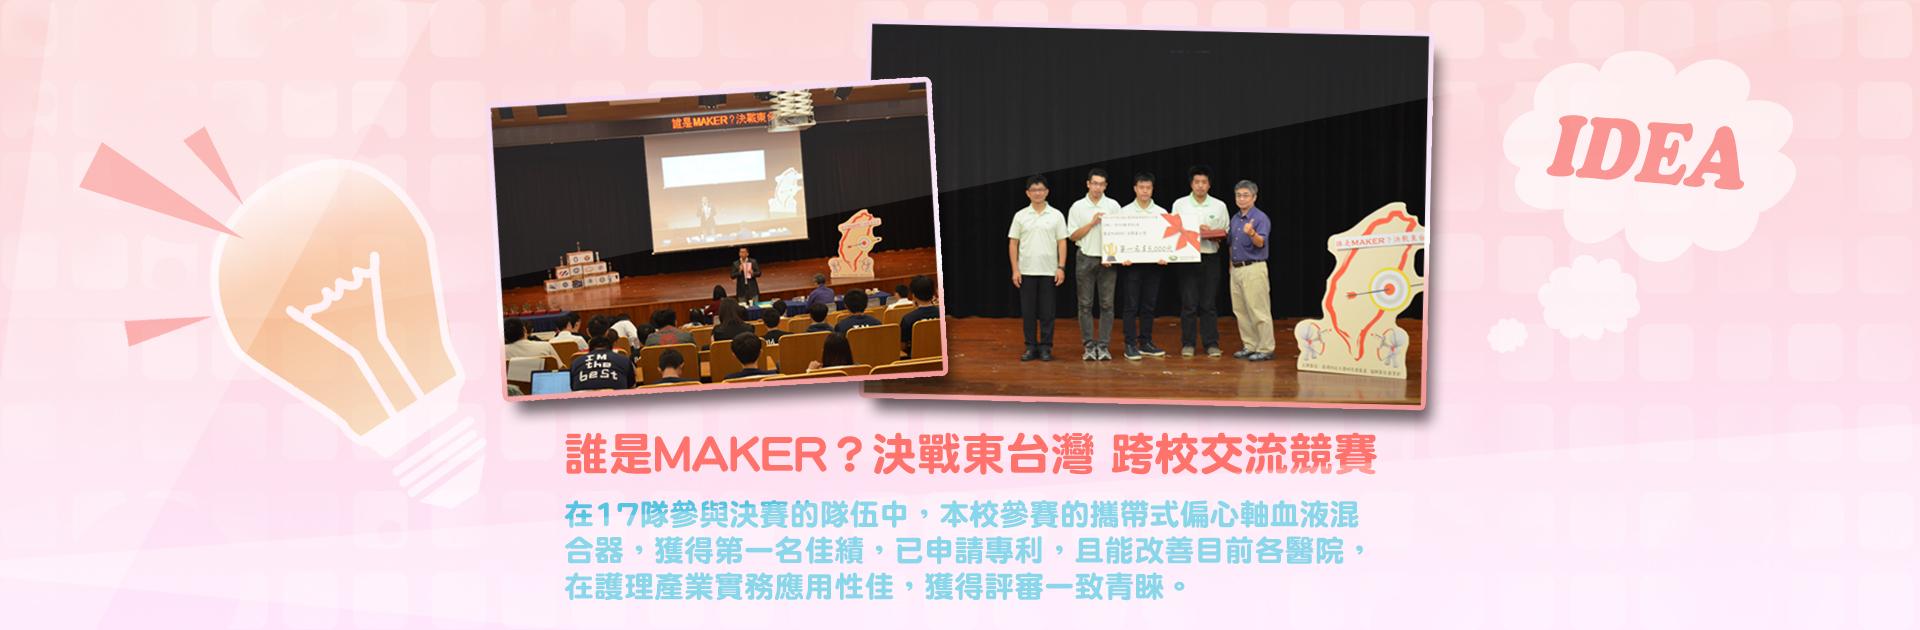 誰是MAKER?決戰東台灣 跨校交流競賽